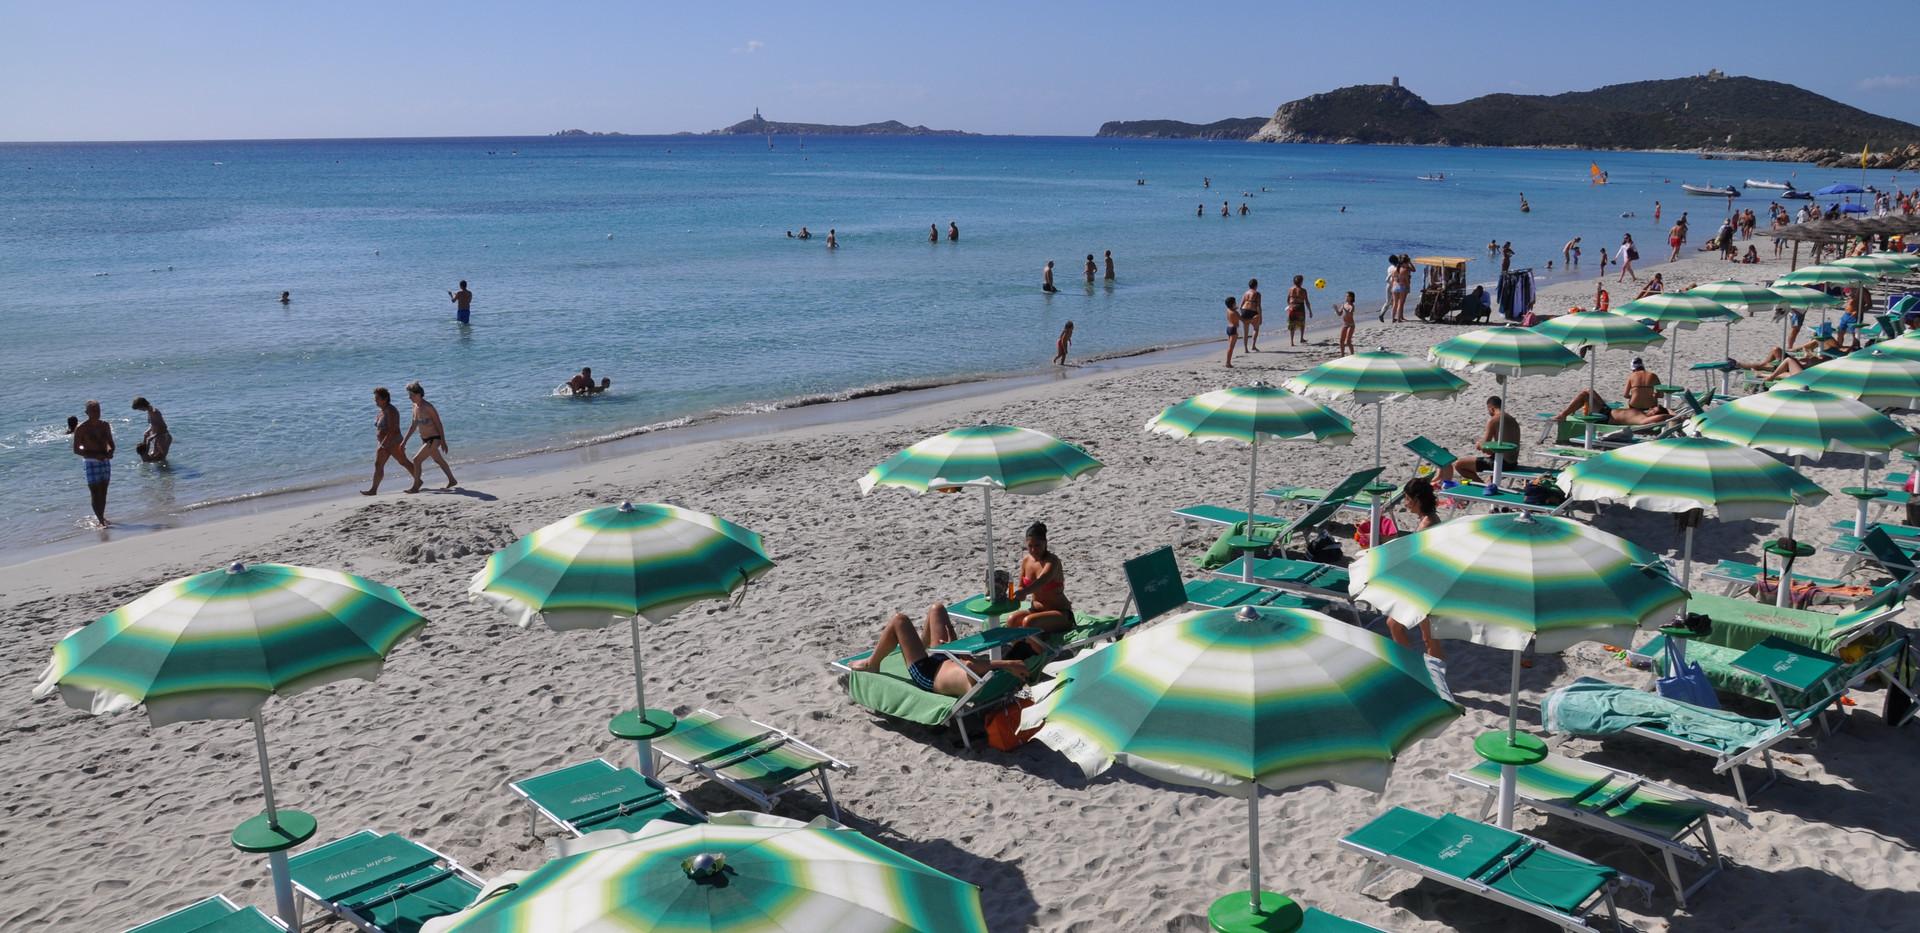 Simius spiaggia privata 5.JPG